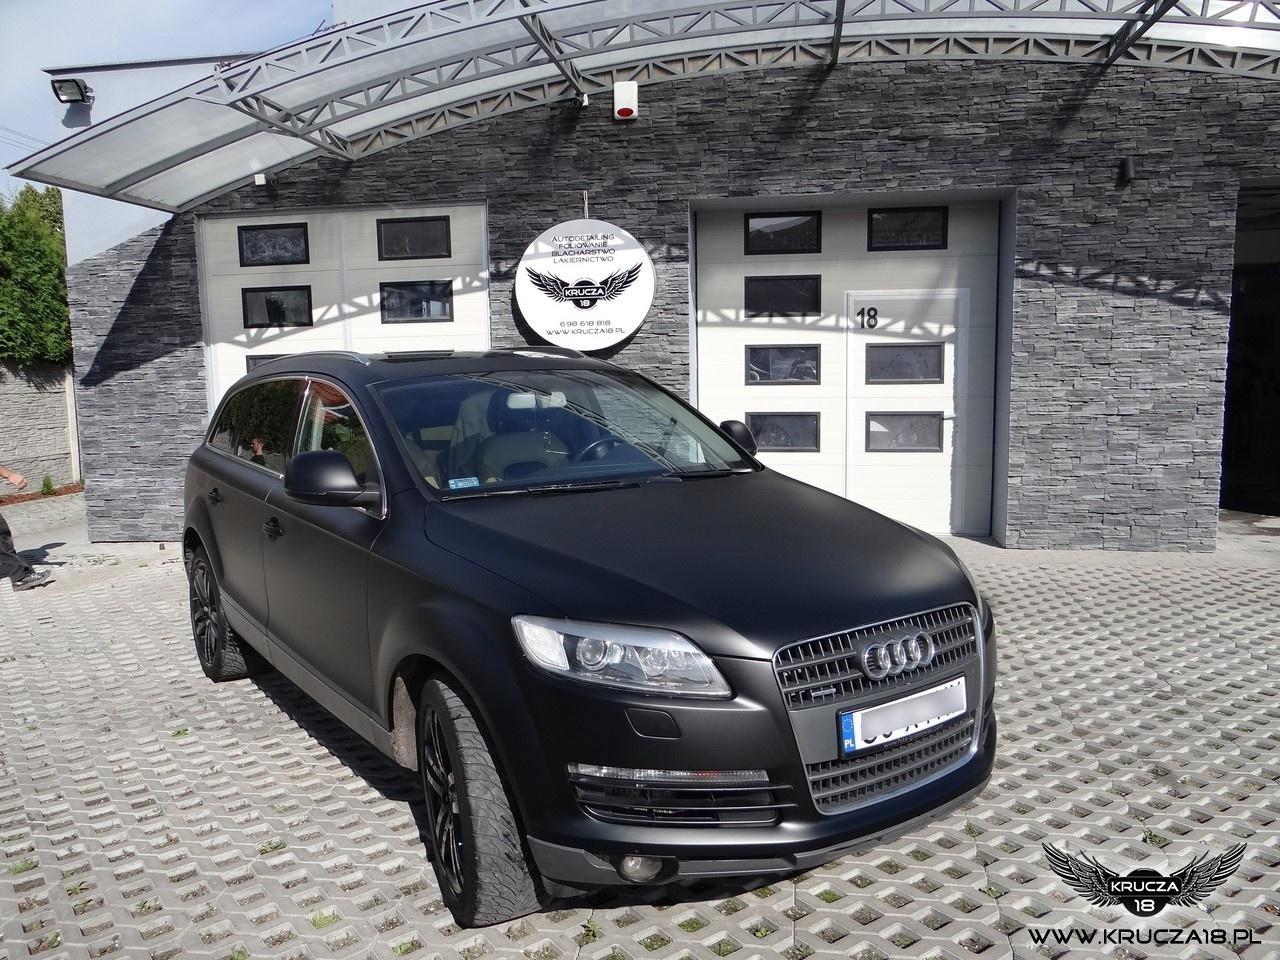 AUDI Q7 : zmiana koloru auta folią : czarny mat : oklejanie : Krucza18 : Osielsko/k.Bydgoszczy